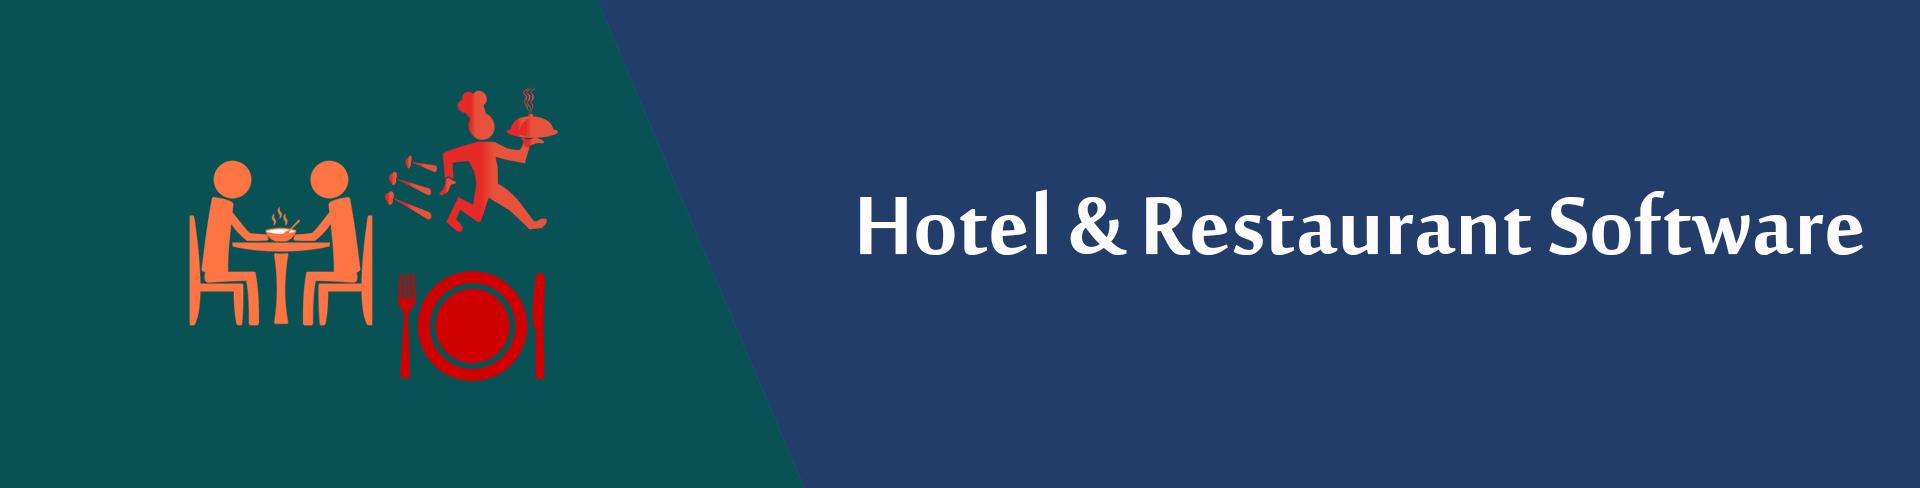 Hotel & Restaurant Software